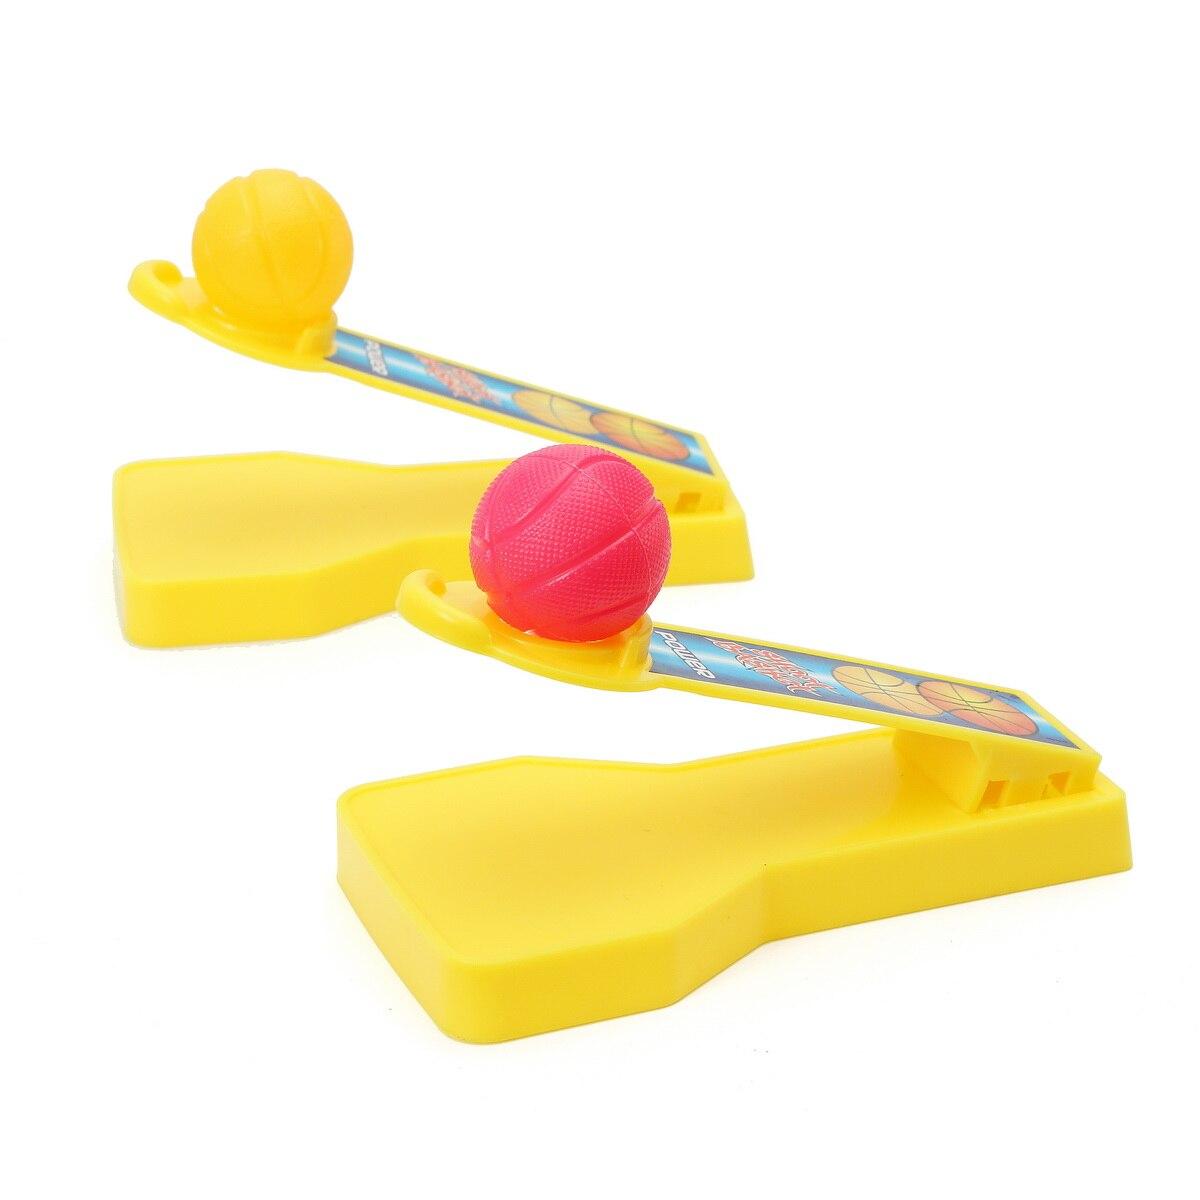 JIMITU мини игрушки на тему баскетбола стрельба настольная игра развивающие настольные игрушки для детей мраморная игра Обучение Образование